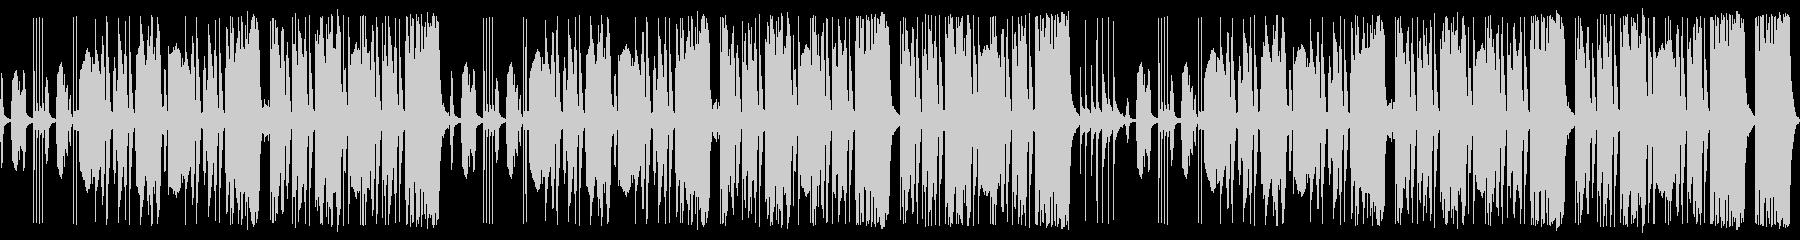 ヨチヨチ歩きの小さな怪獣 ループ仕様の未再生の波形